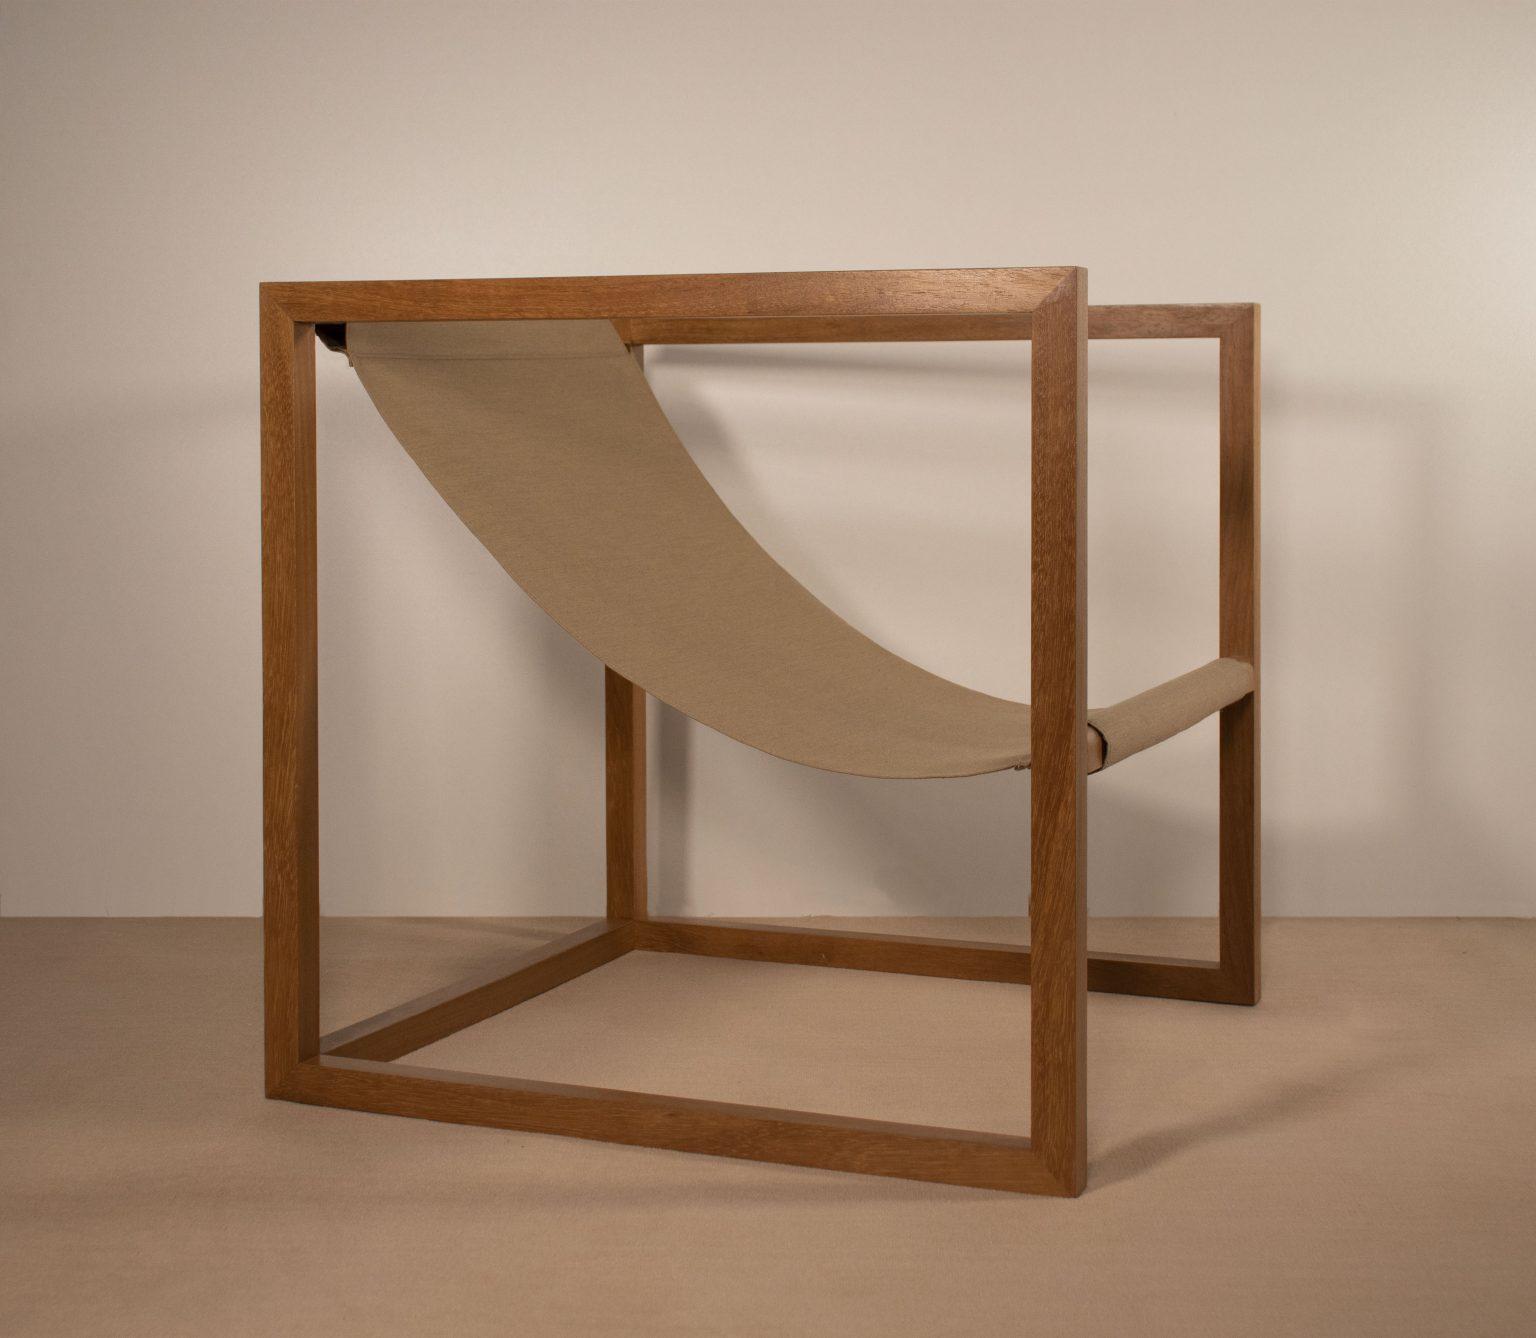 fauteuil extérieur en bois designer Gigi Design